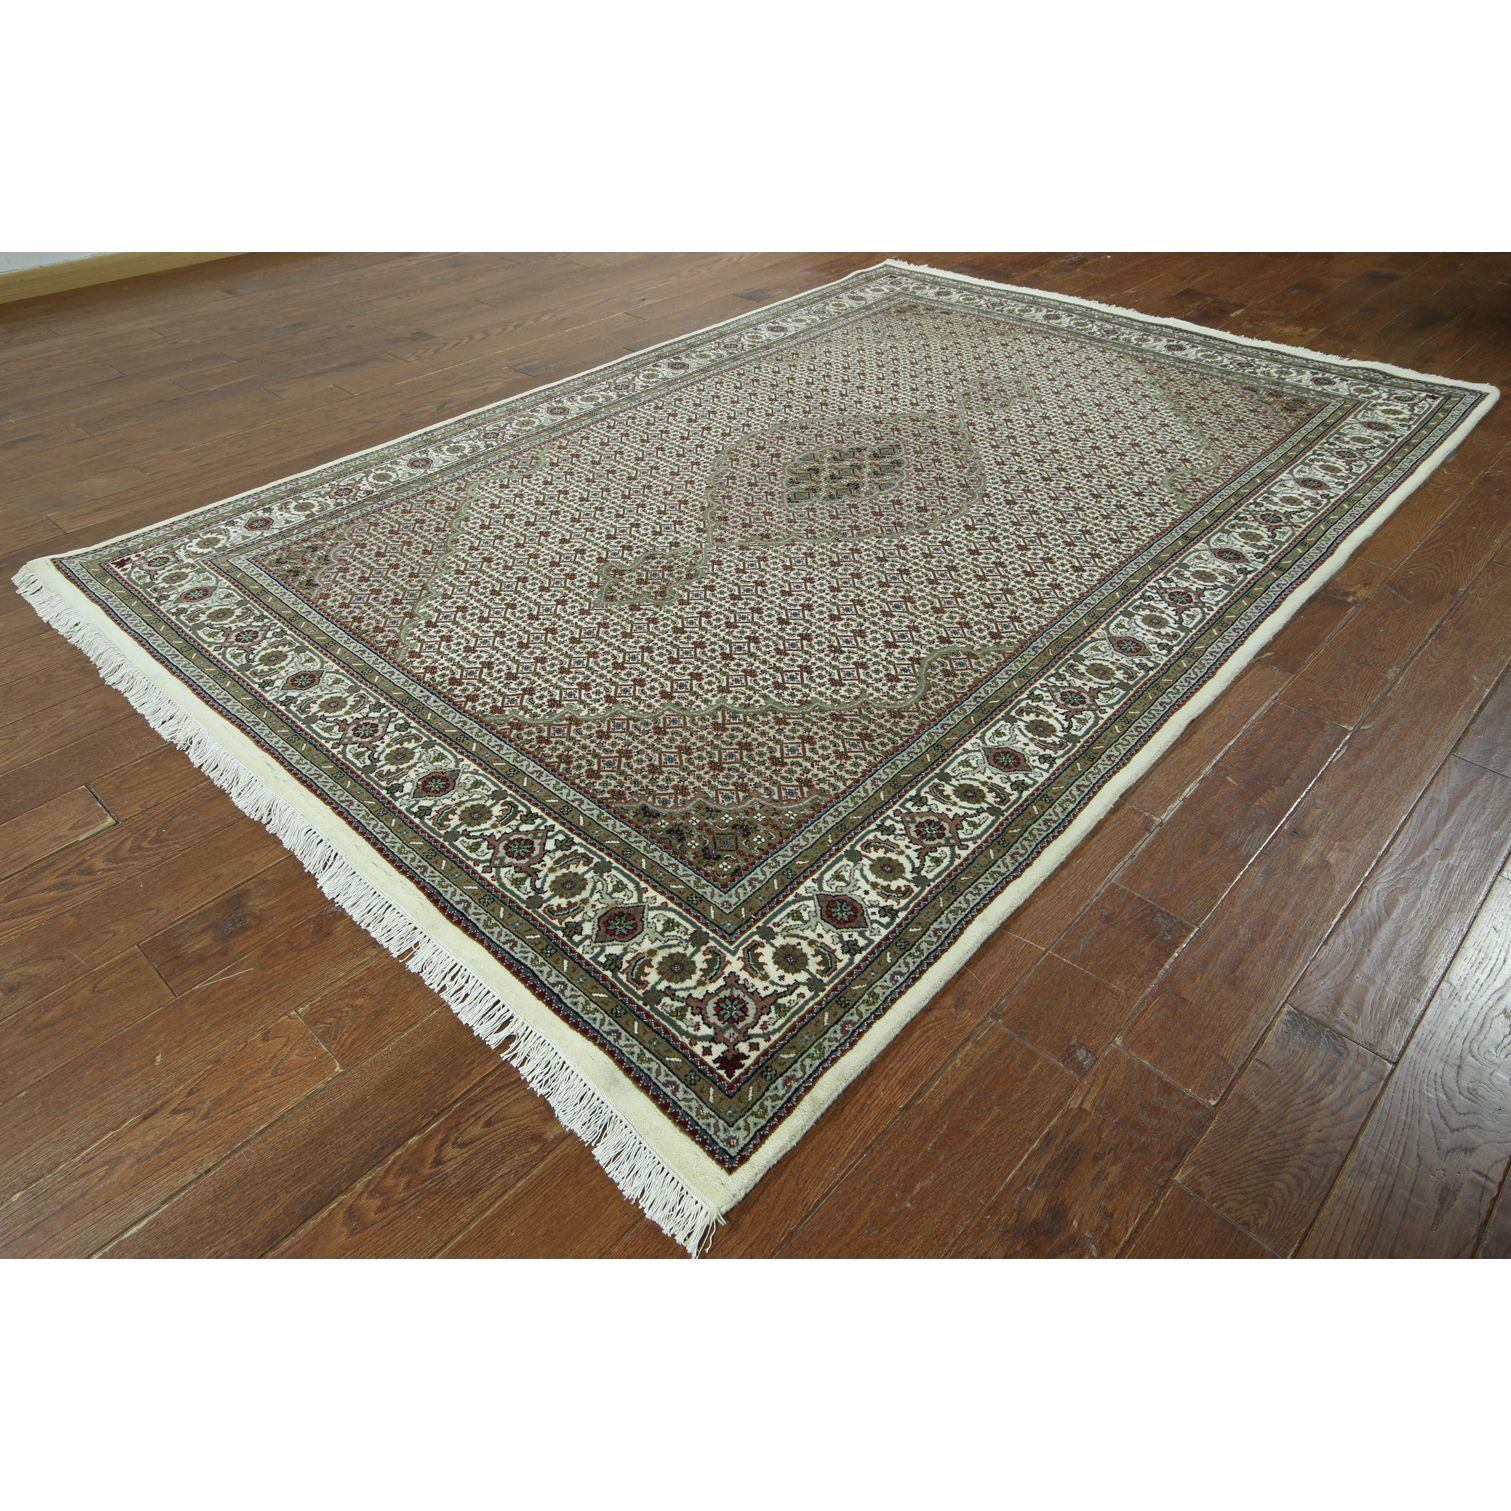 Manhattan Hand-knotted Oriental Wool Rug